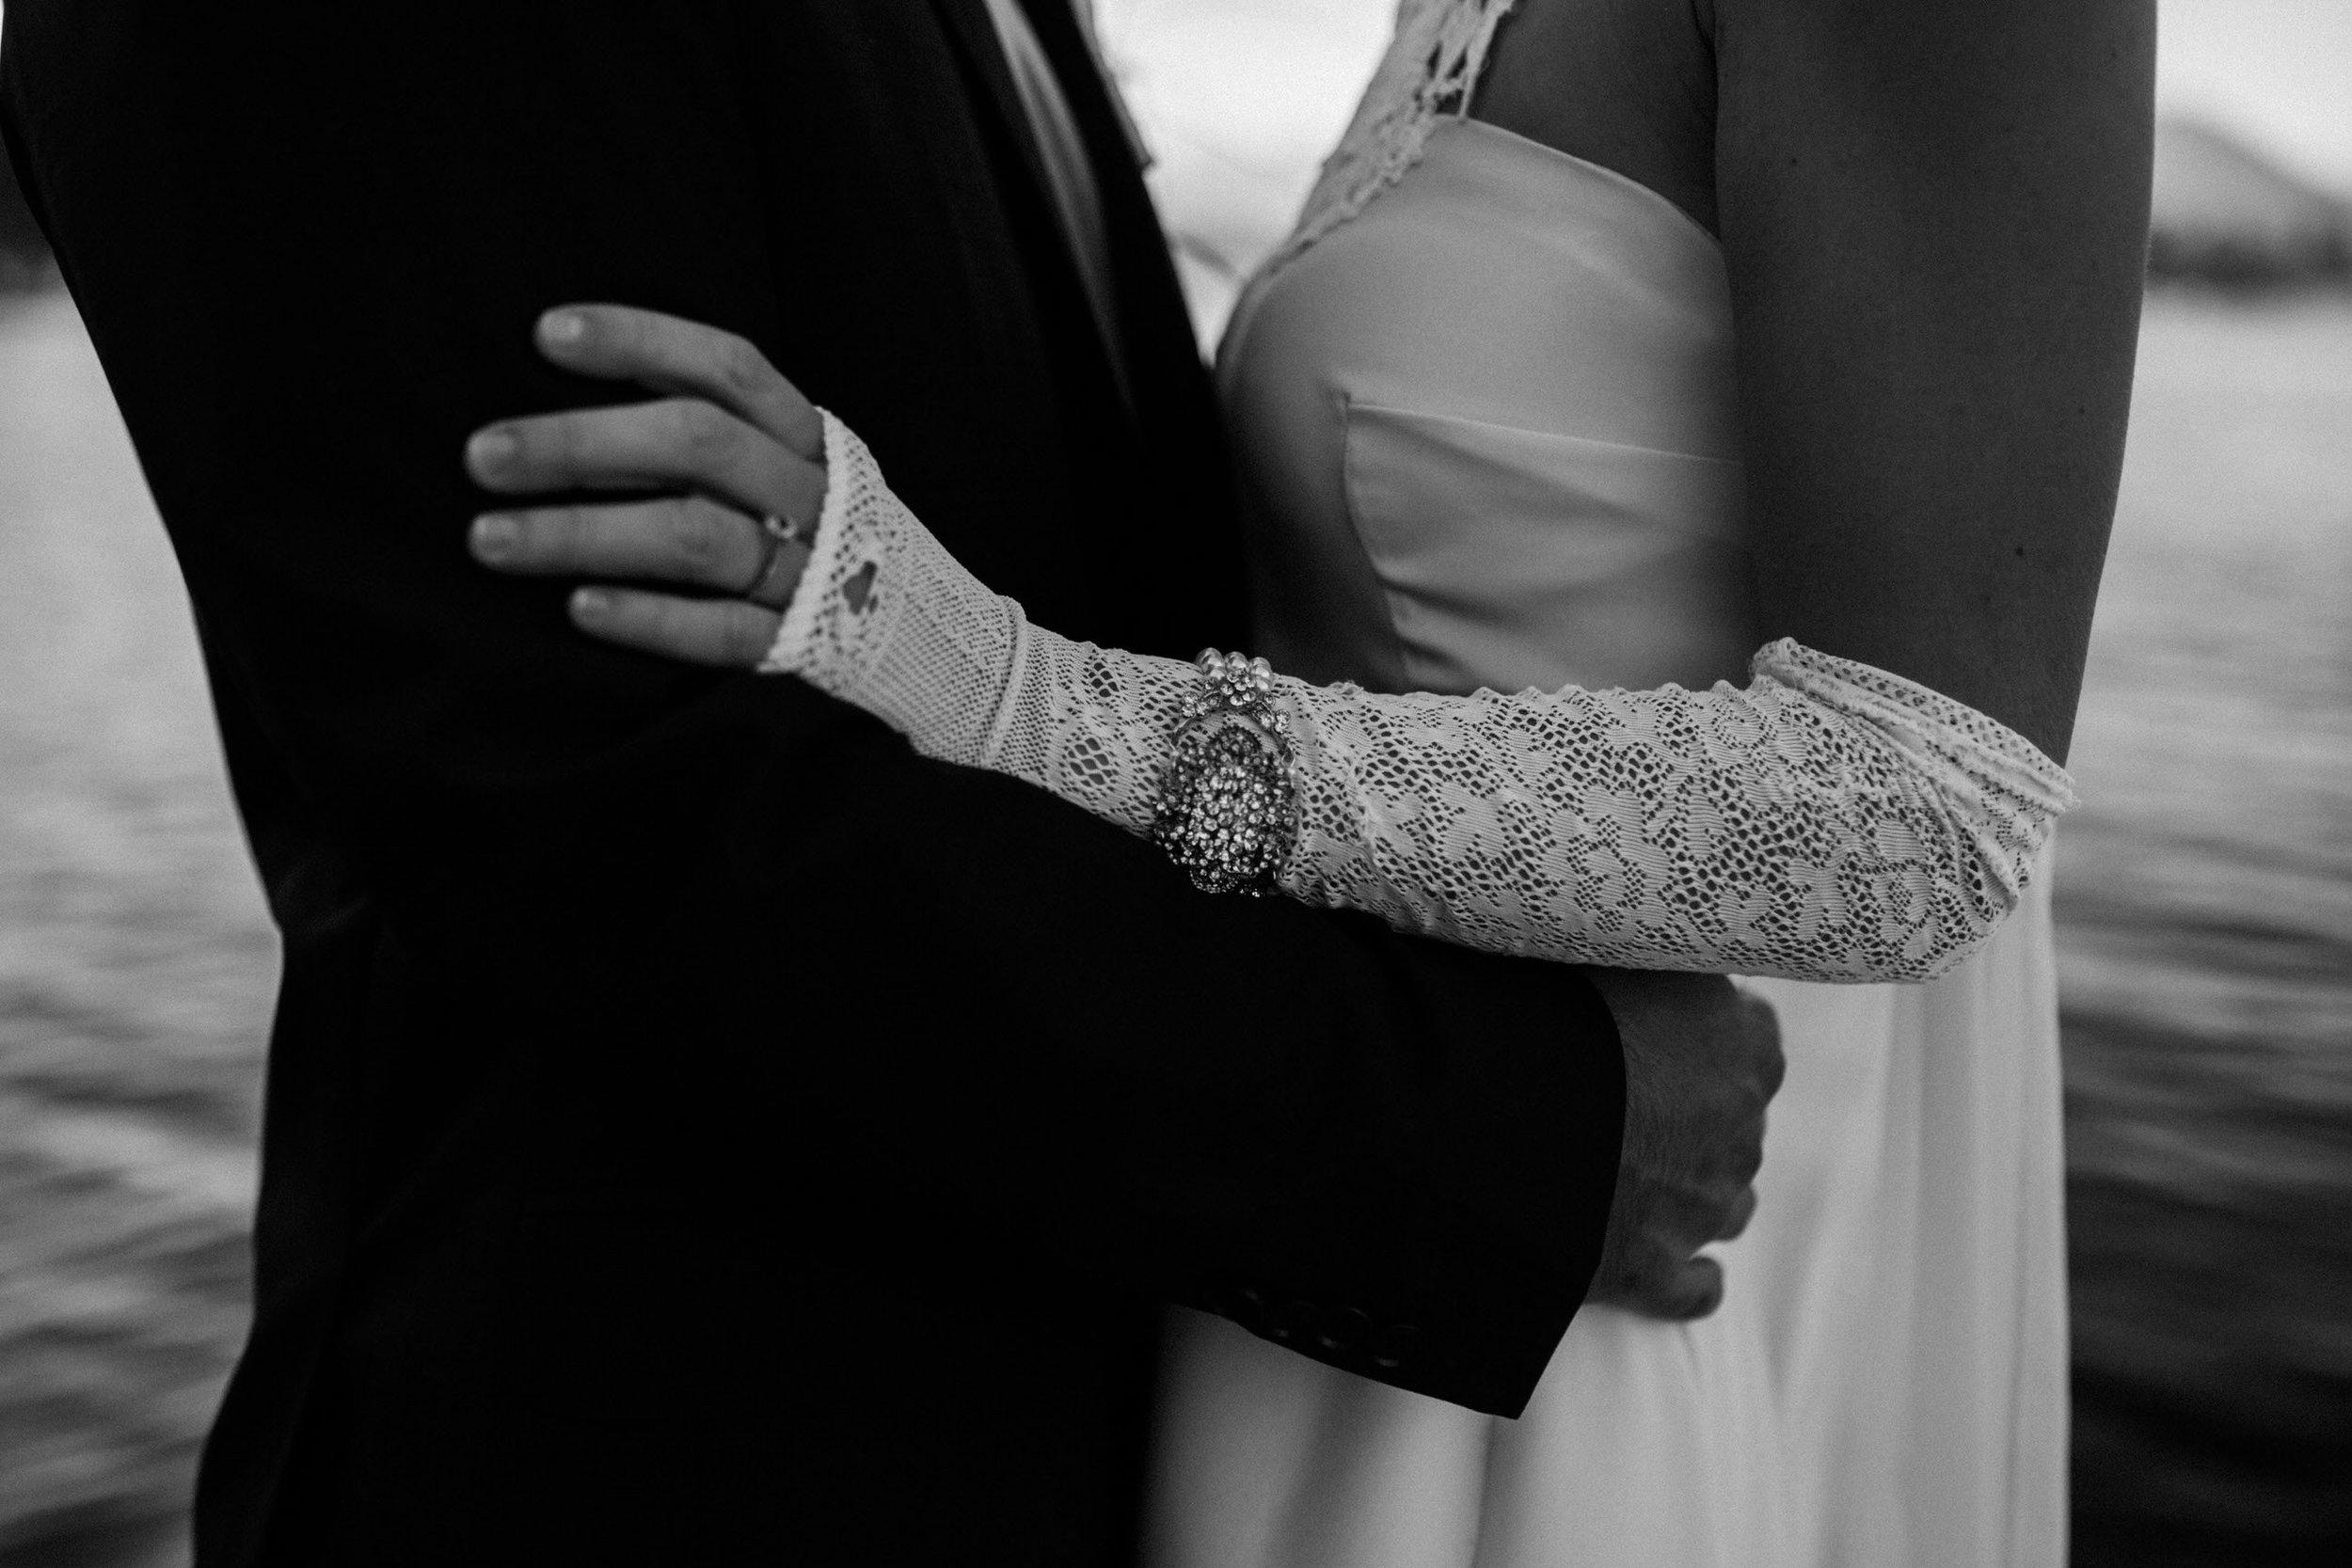 Sunshine Coast Wedding Photographer - Vancouver Wedding Photographer - West Coast Wilderness Lodge Wedding - Jennifer Picard Photography - IMG_8050.jpg